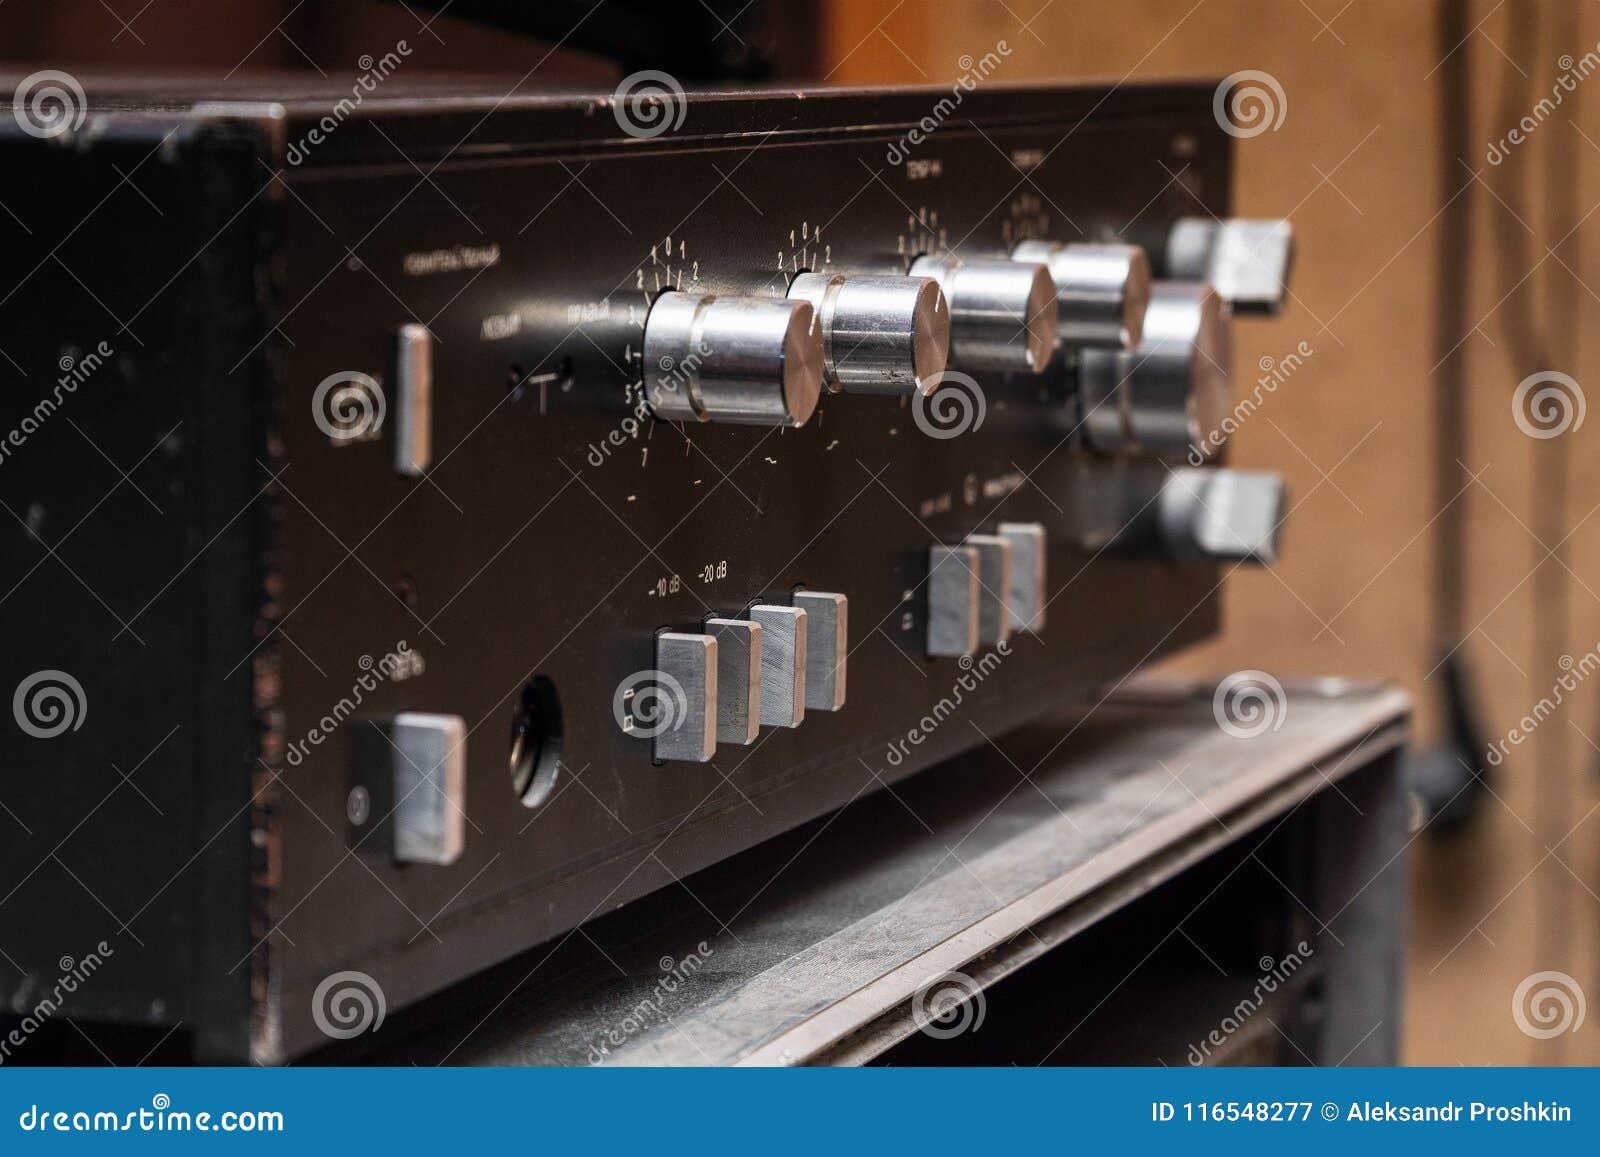 Stary stereo amplifikator w czerni z srebnymi rękojeściami